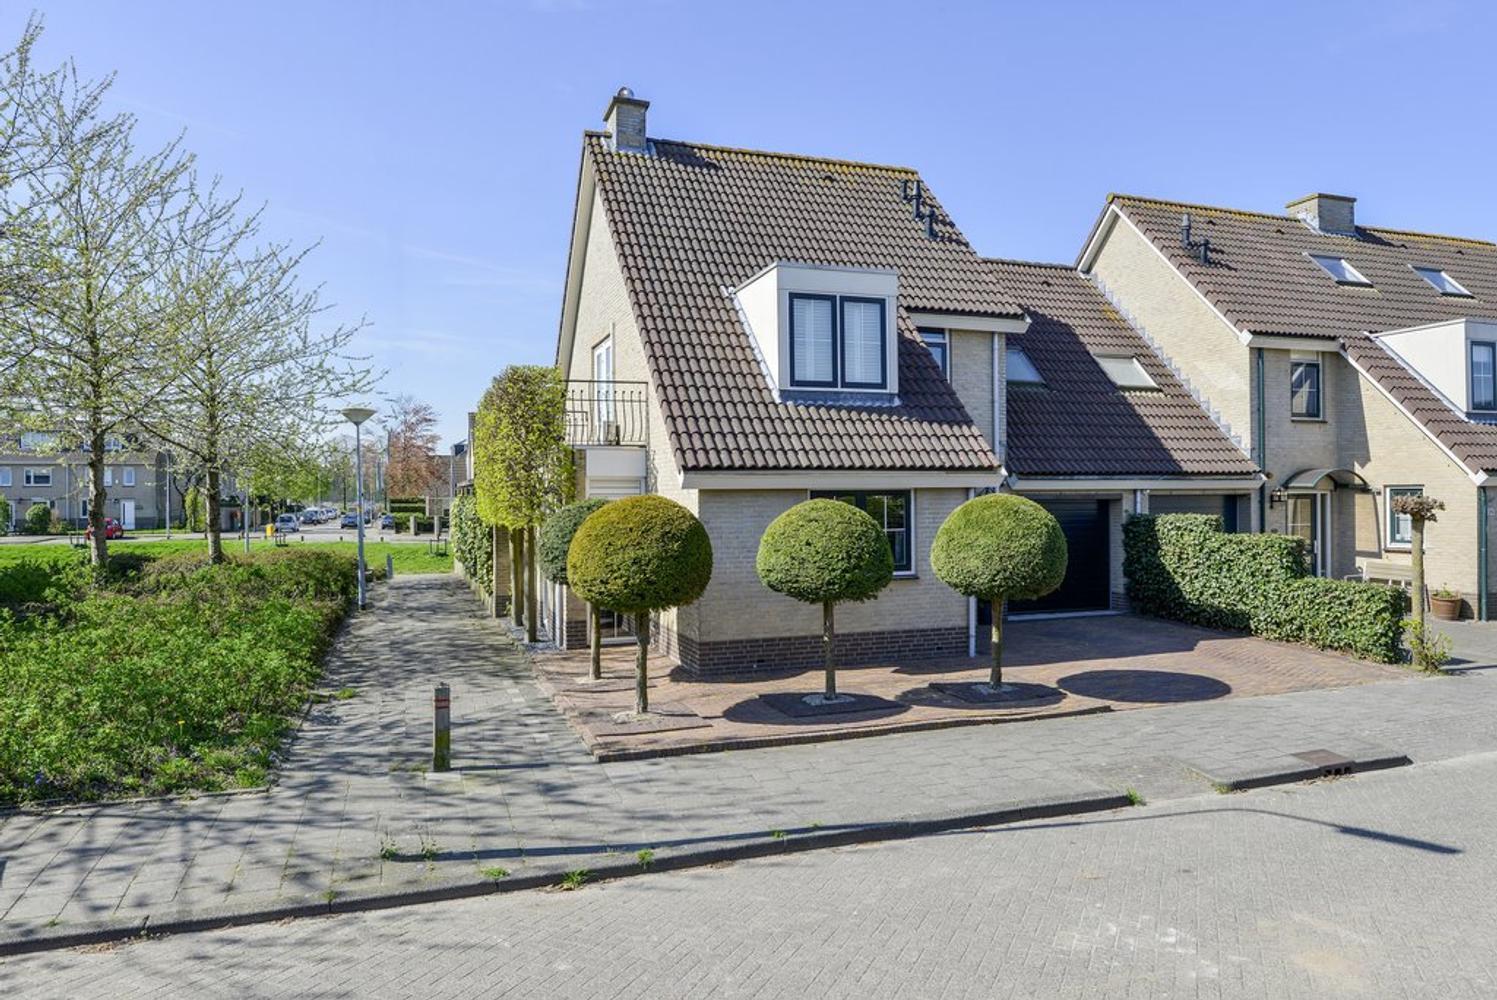 Primulastraat 22 in badhoevedorp 1171 mr: woonhuis te koop